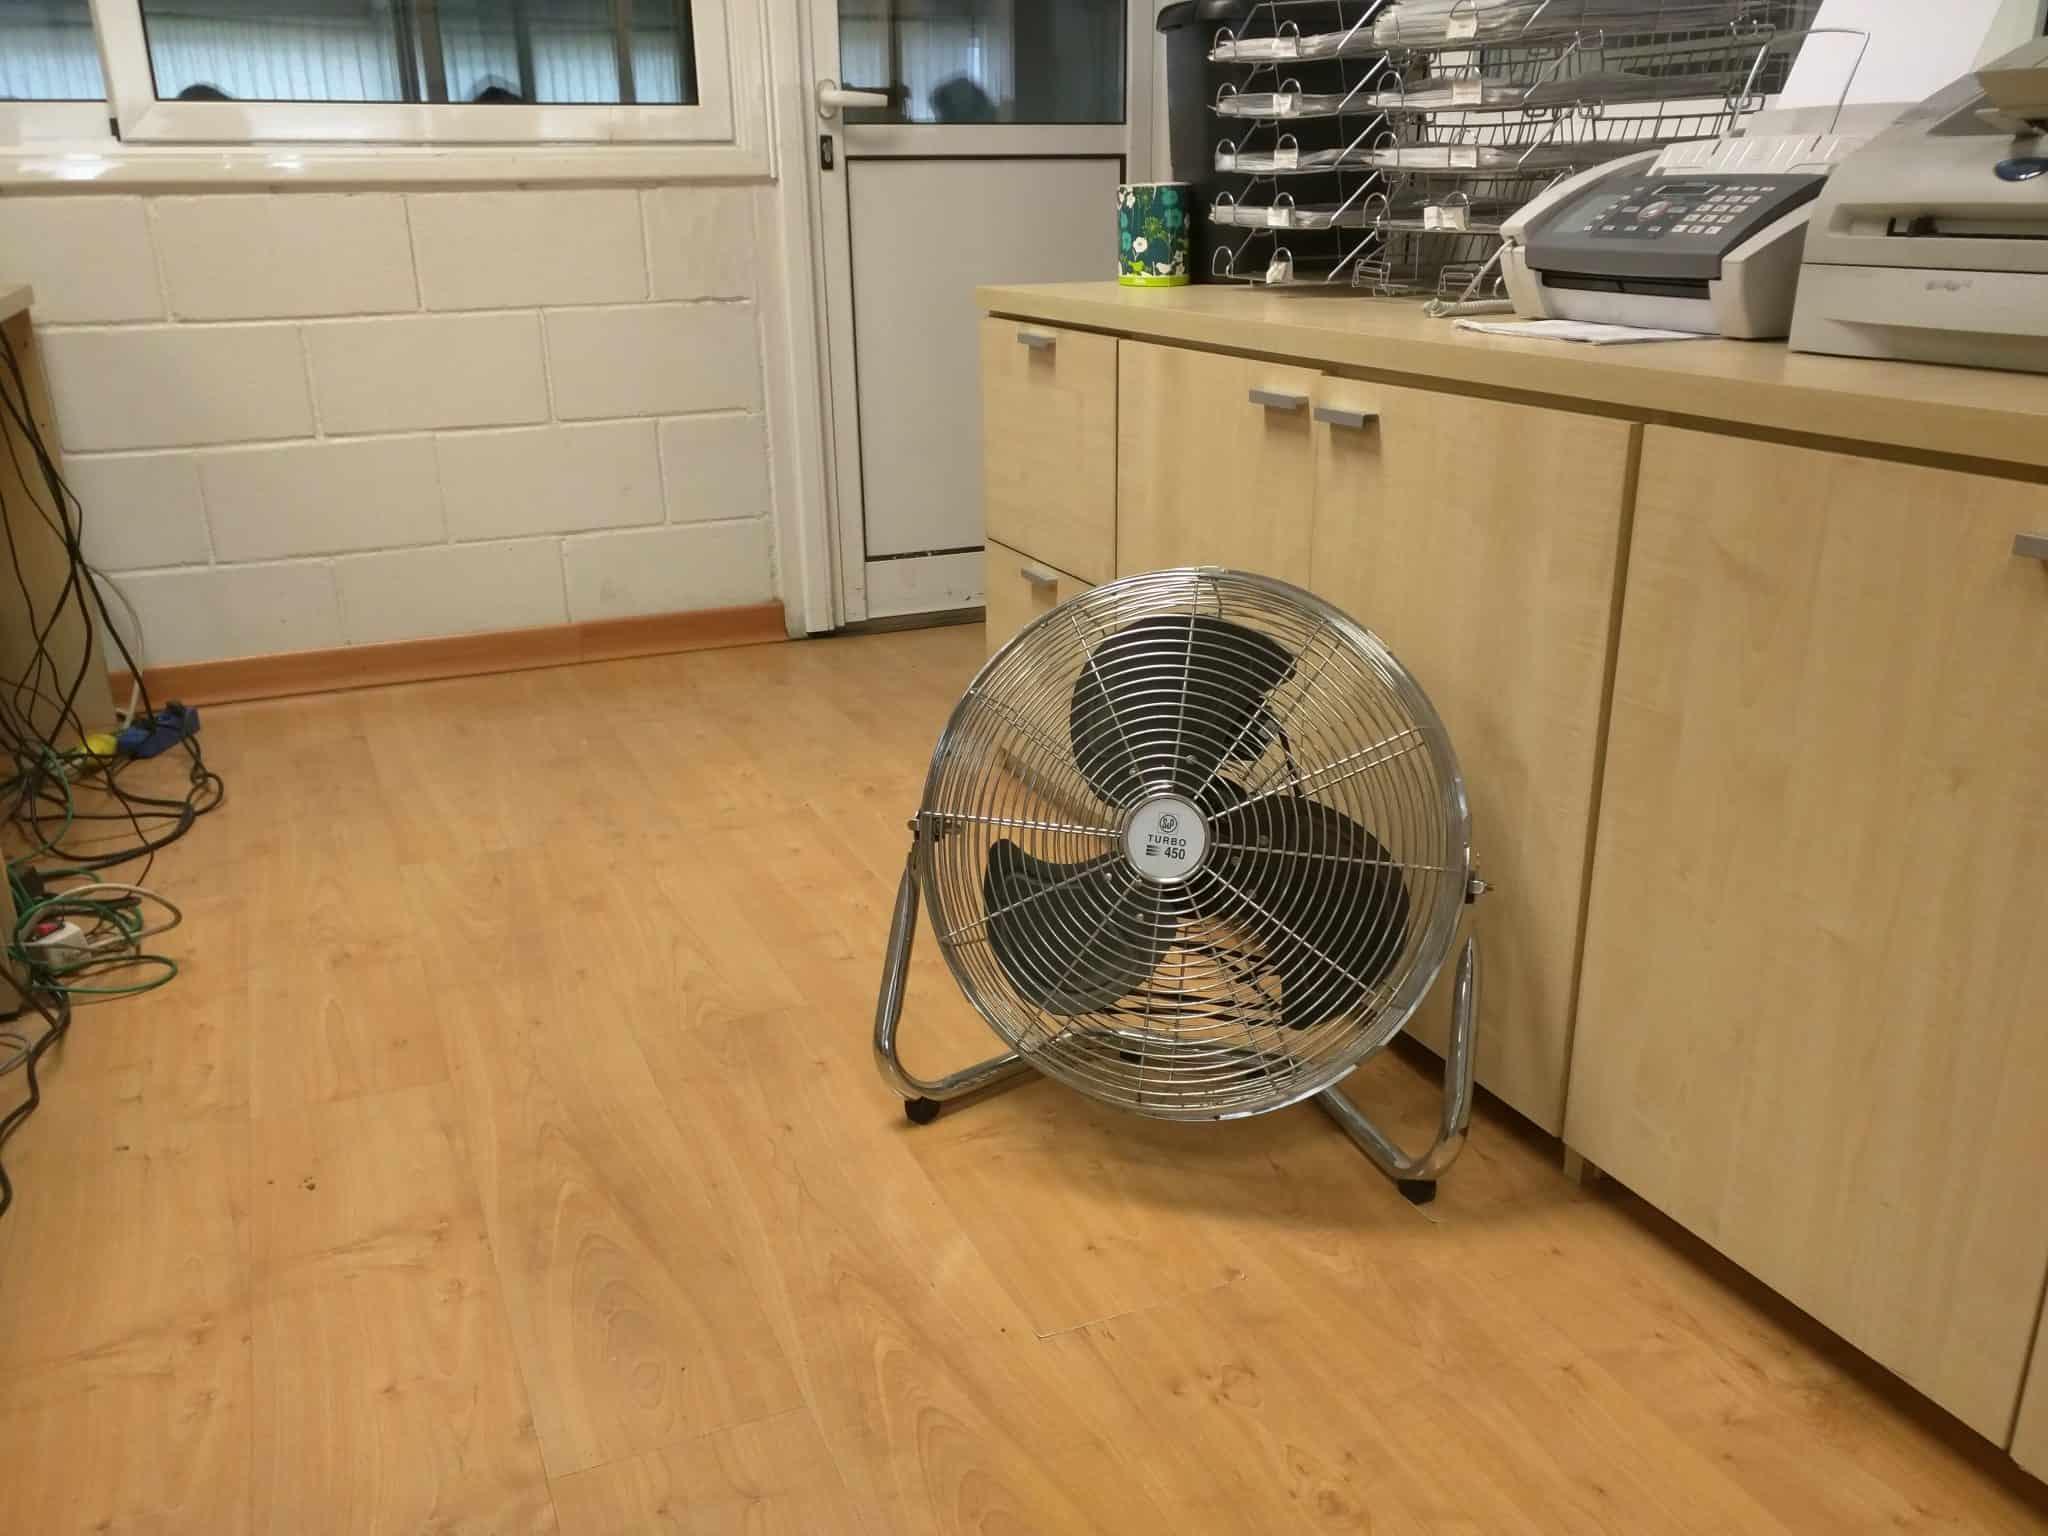 Ventilador portátil de suelo